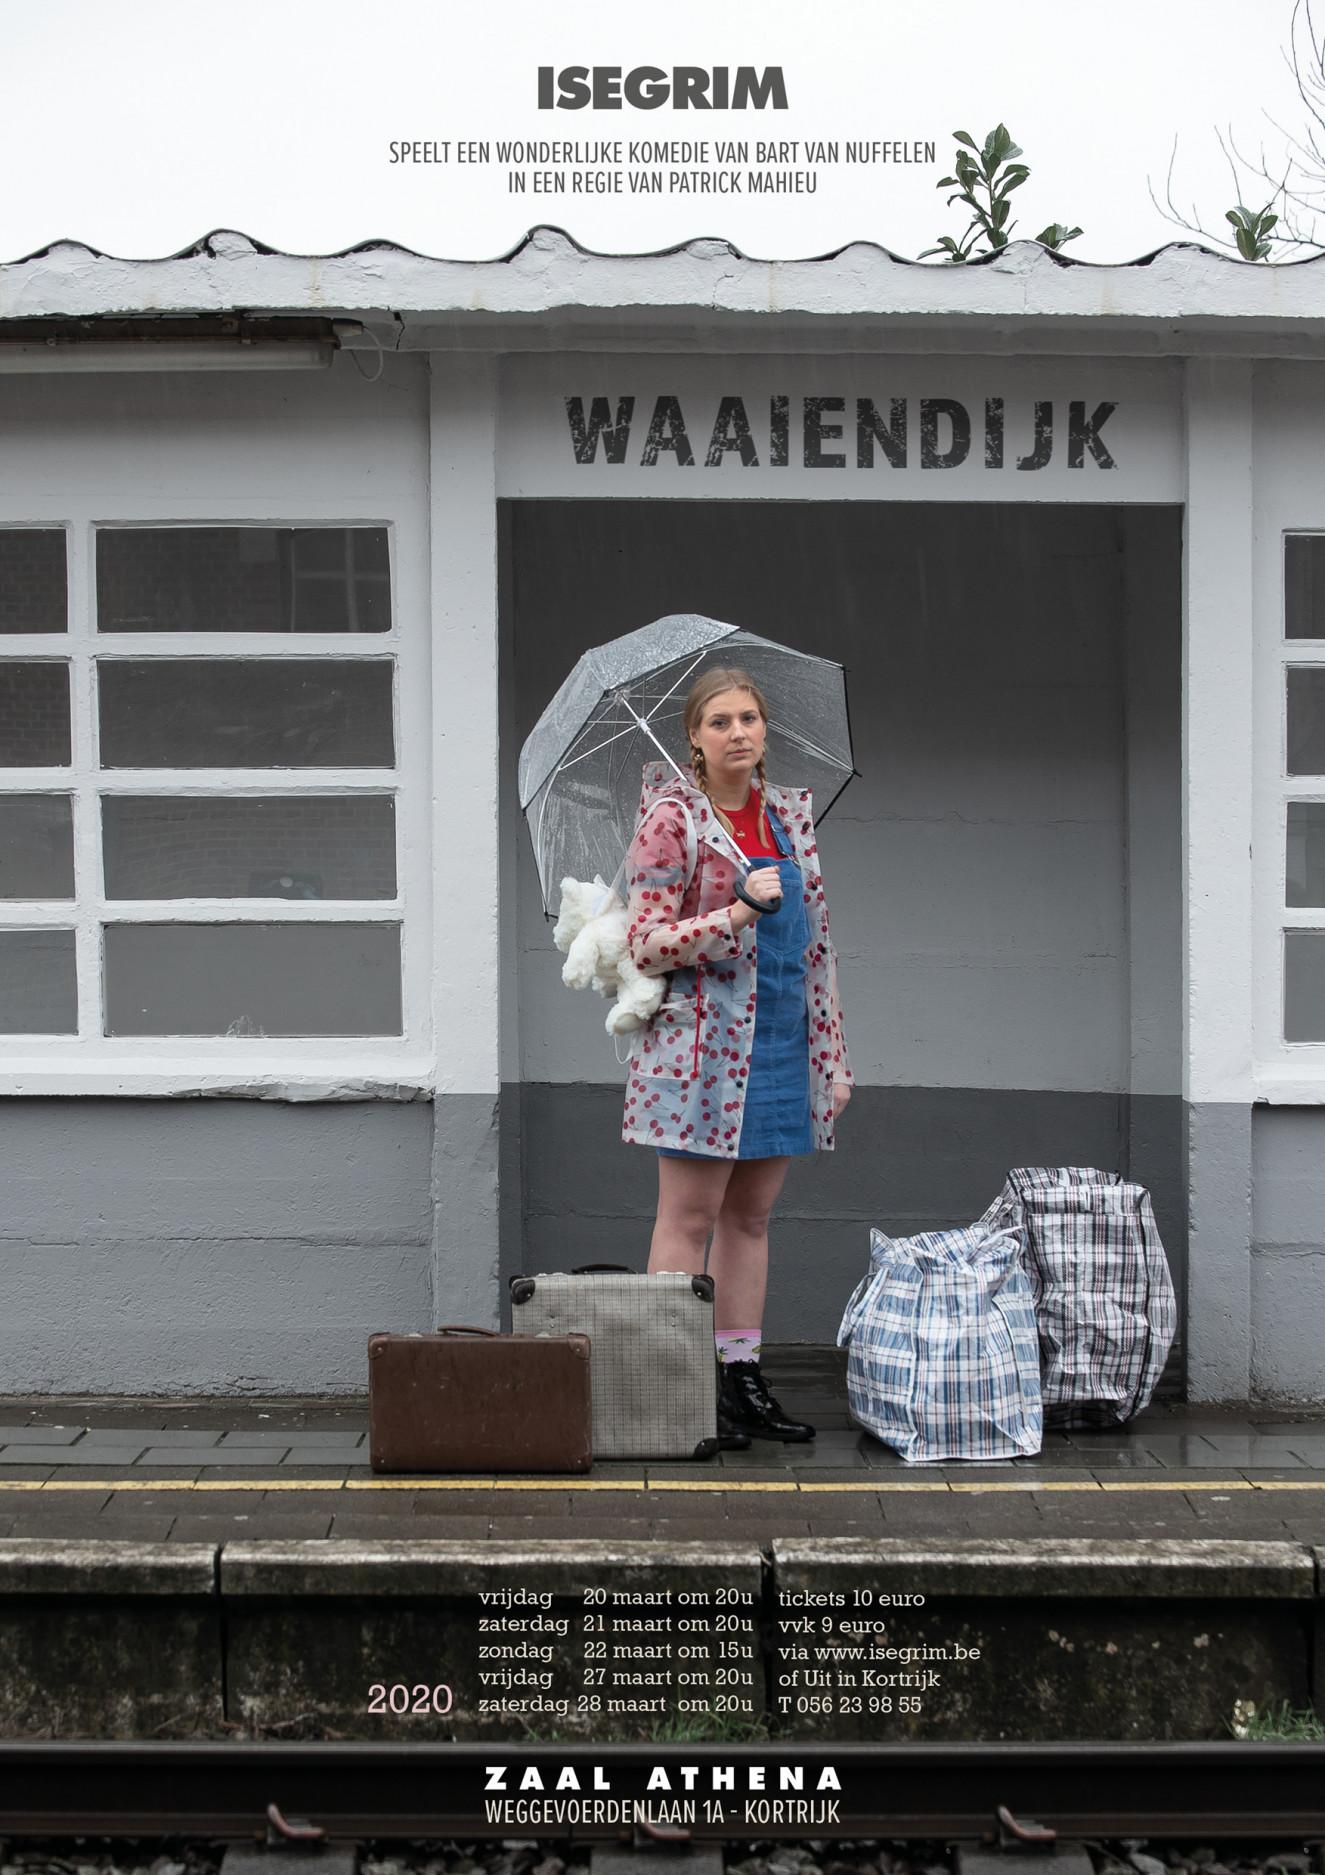 Waaiendijk-Aff